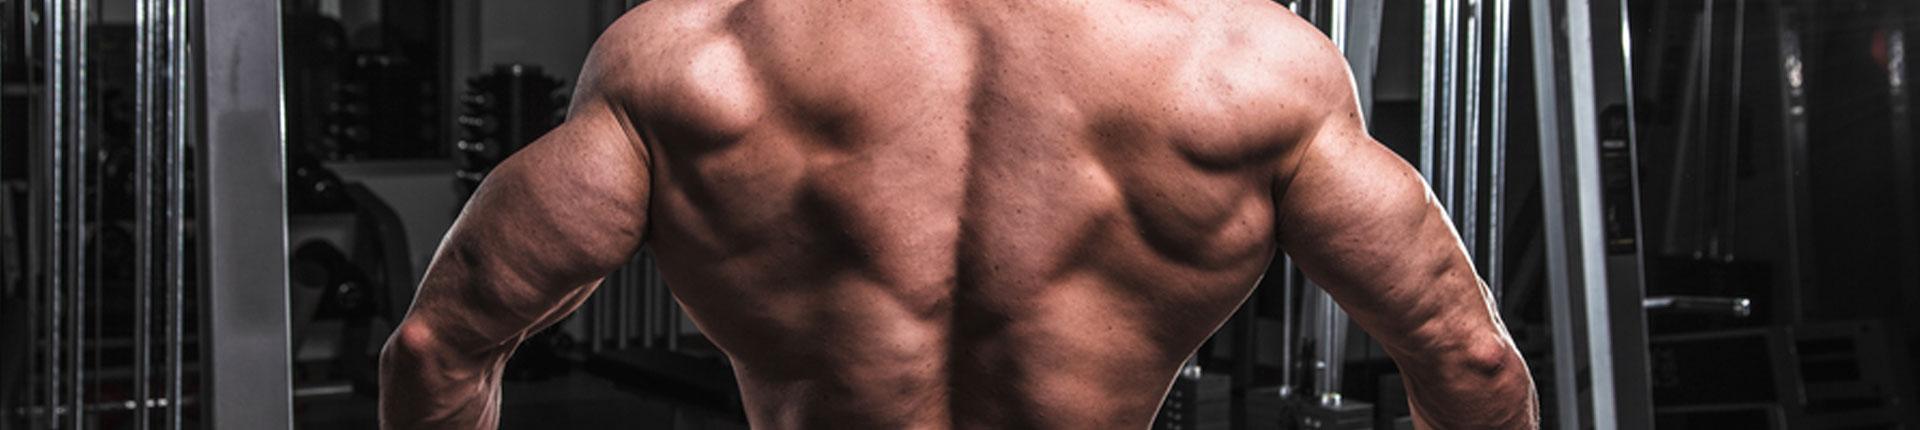 Jak trenować plecy? Trening grzbietu: fakty, mity i błędy